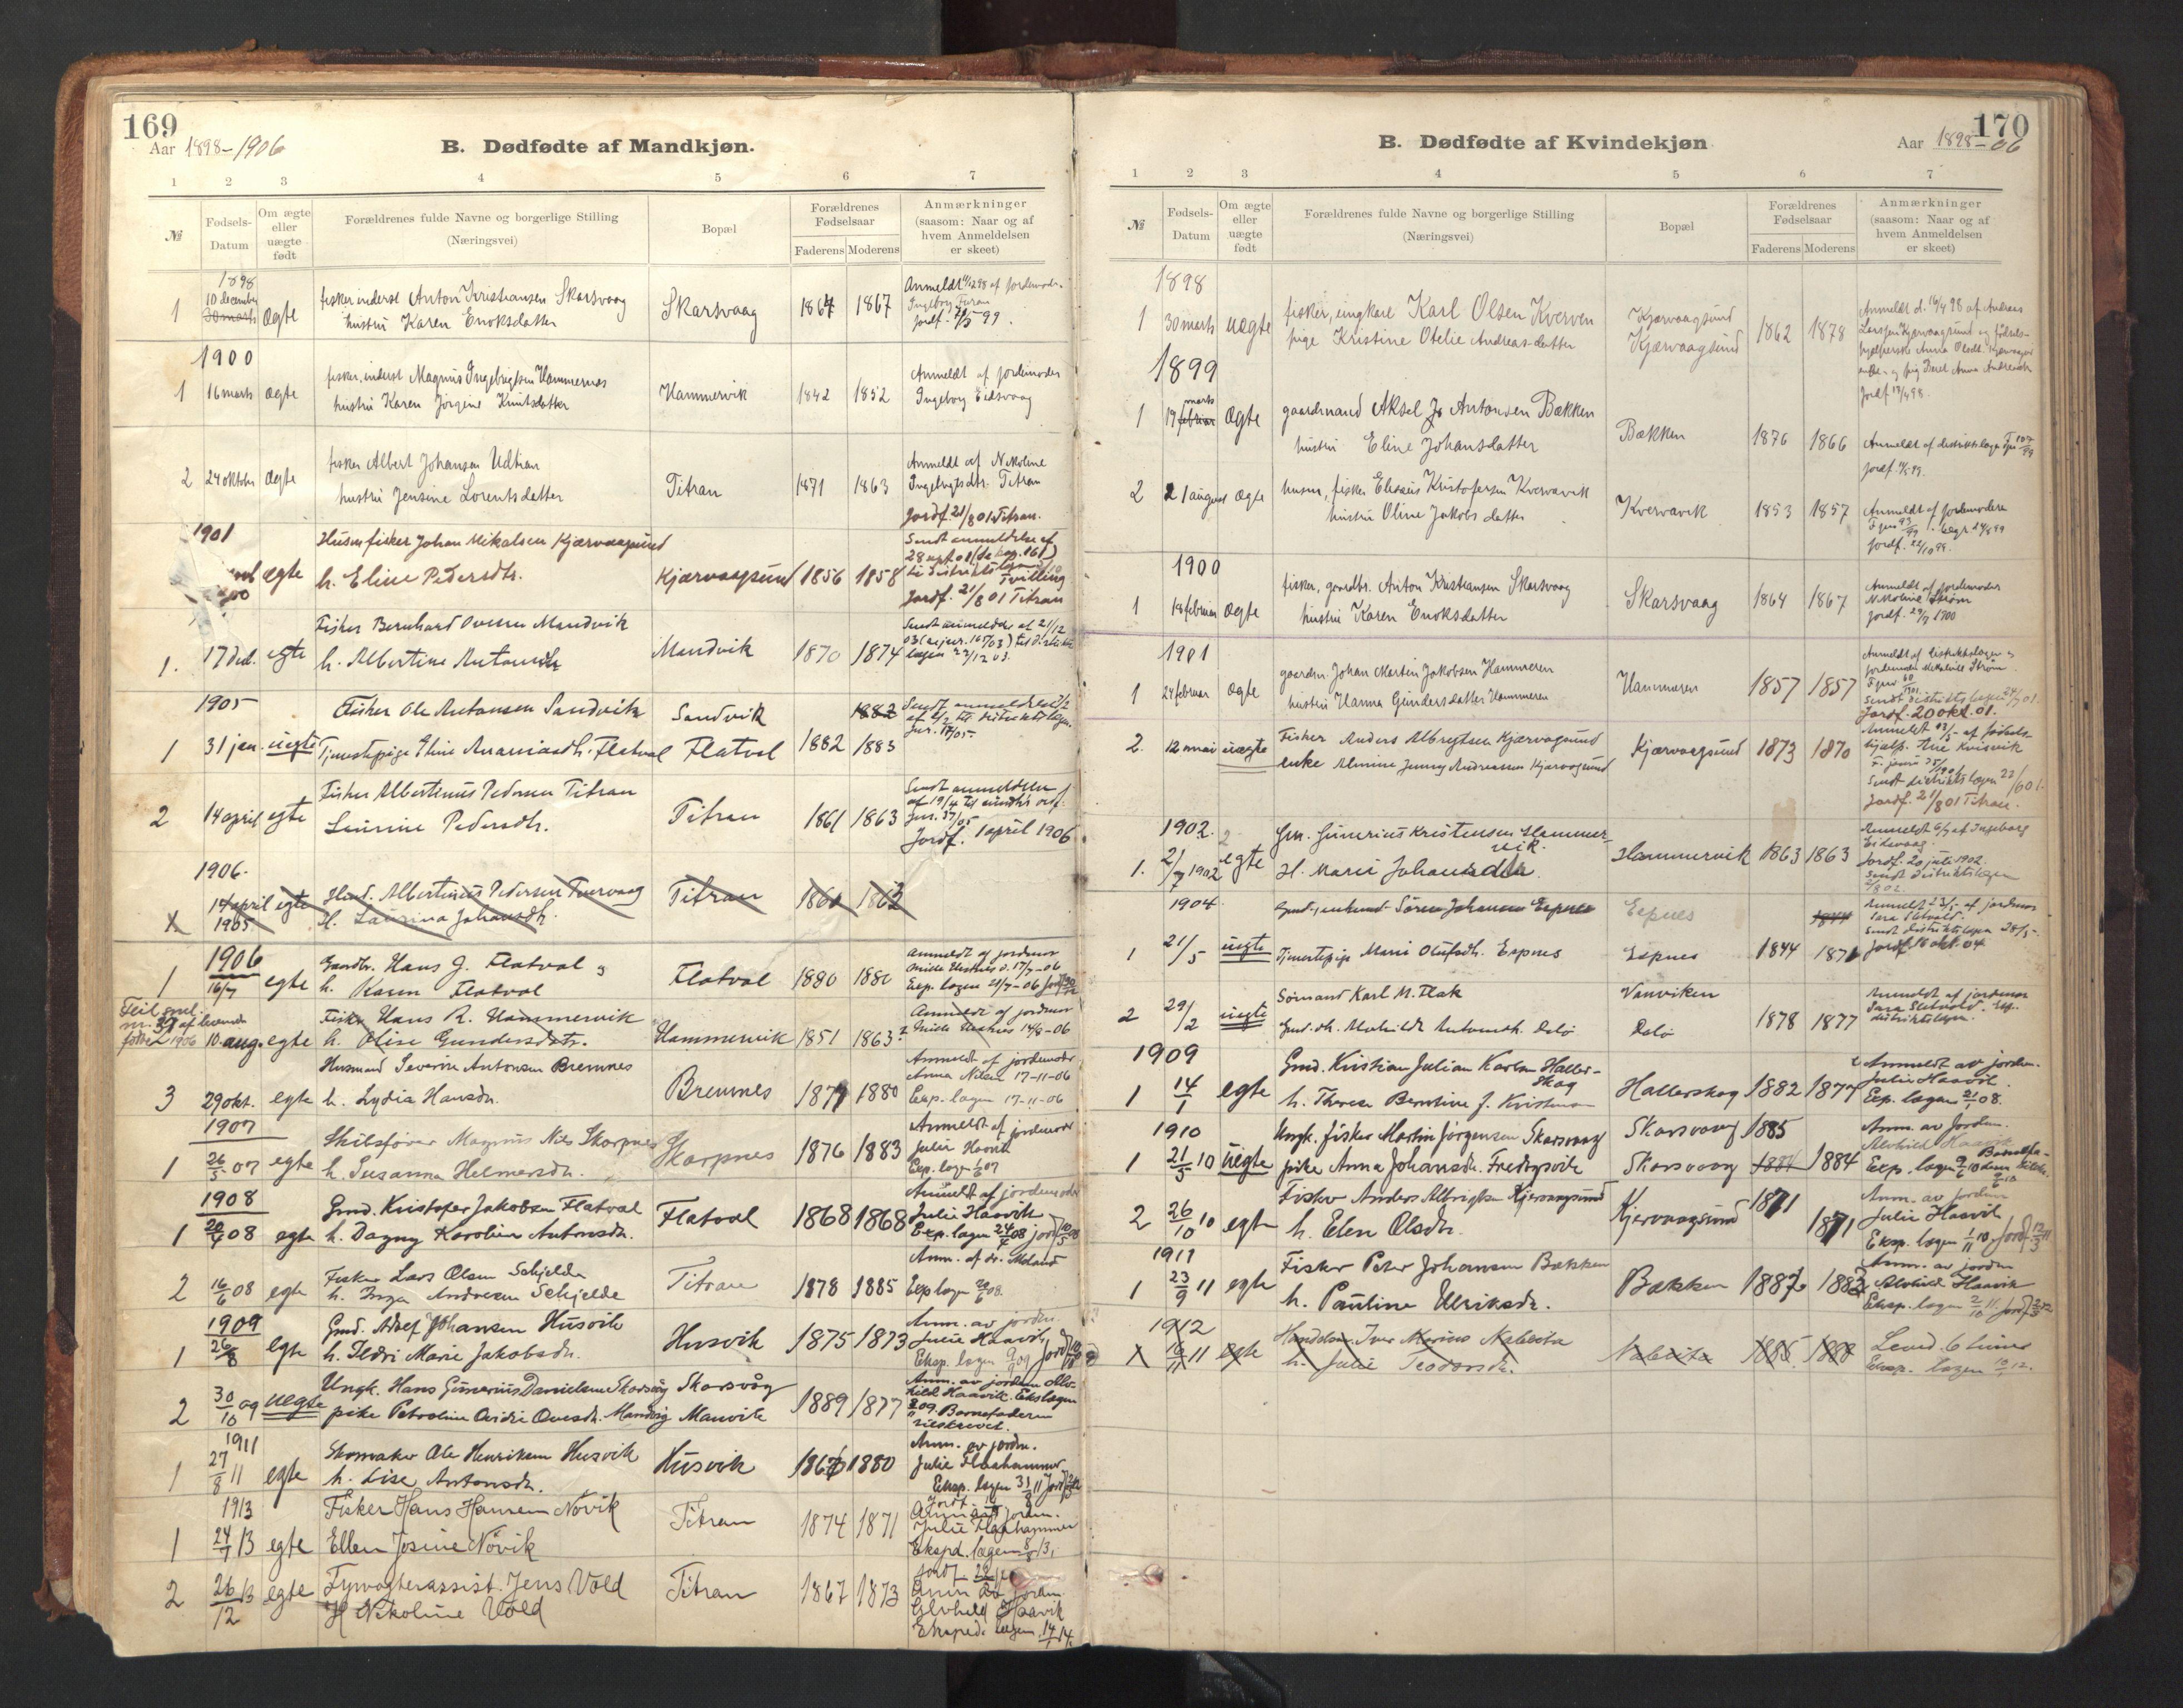 SAT, Ministerialprotokoller, klokkerbøker og fødselsregistre - Sør-Trøndelag, 641/L0596: Ministerialbok nr. 641A02, 1898-1915, s. 169-170